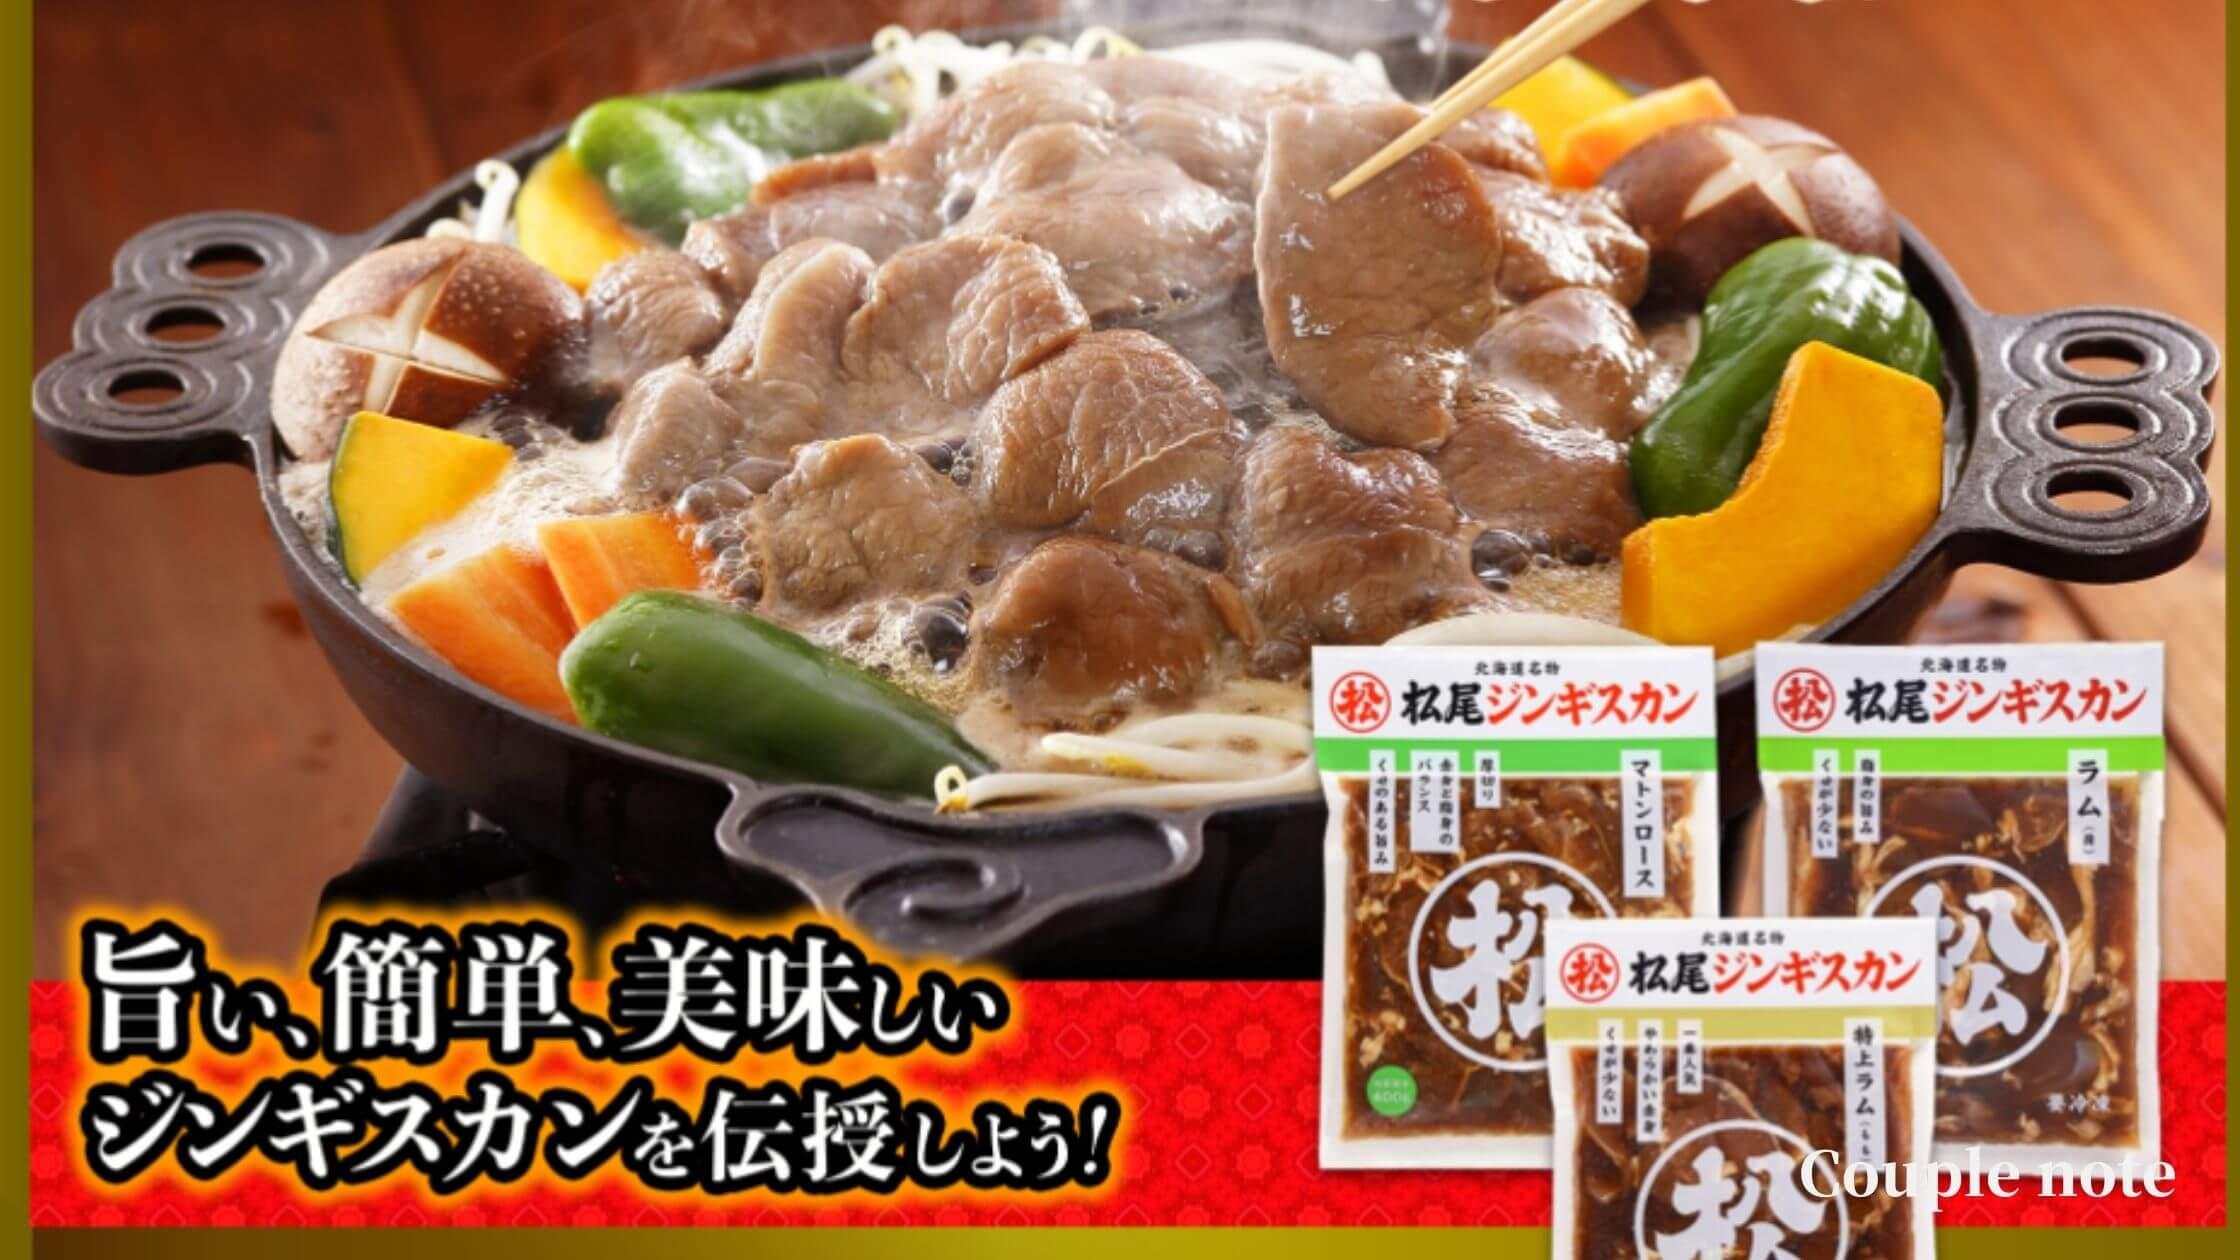 【口コミ】松尾ジンギスカンはまずい?通販で送料無料セットを食べた感想